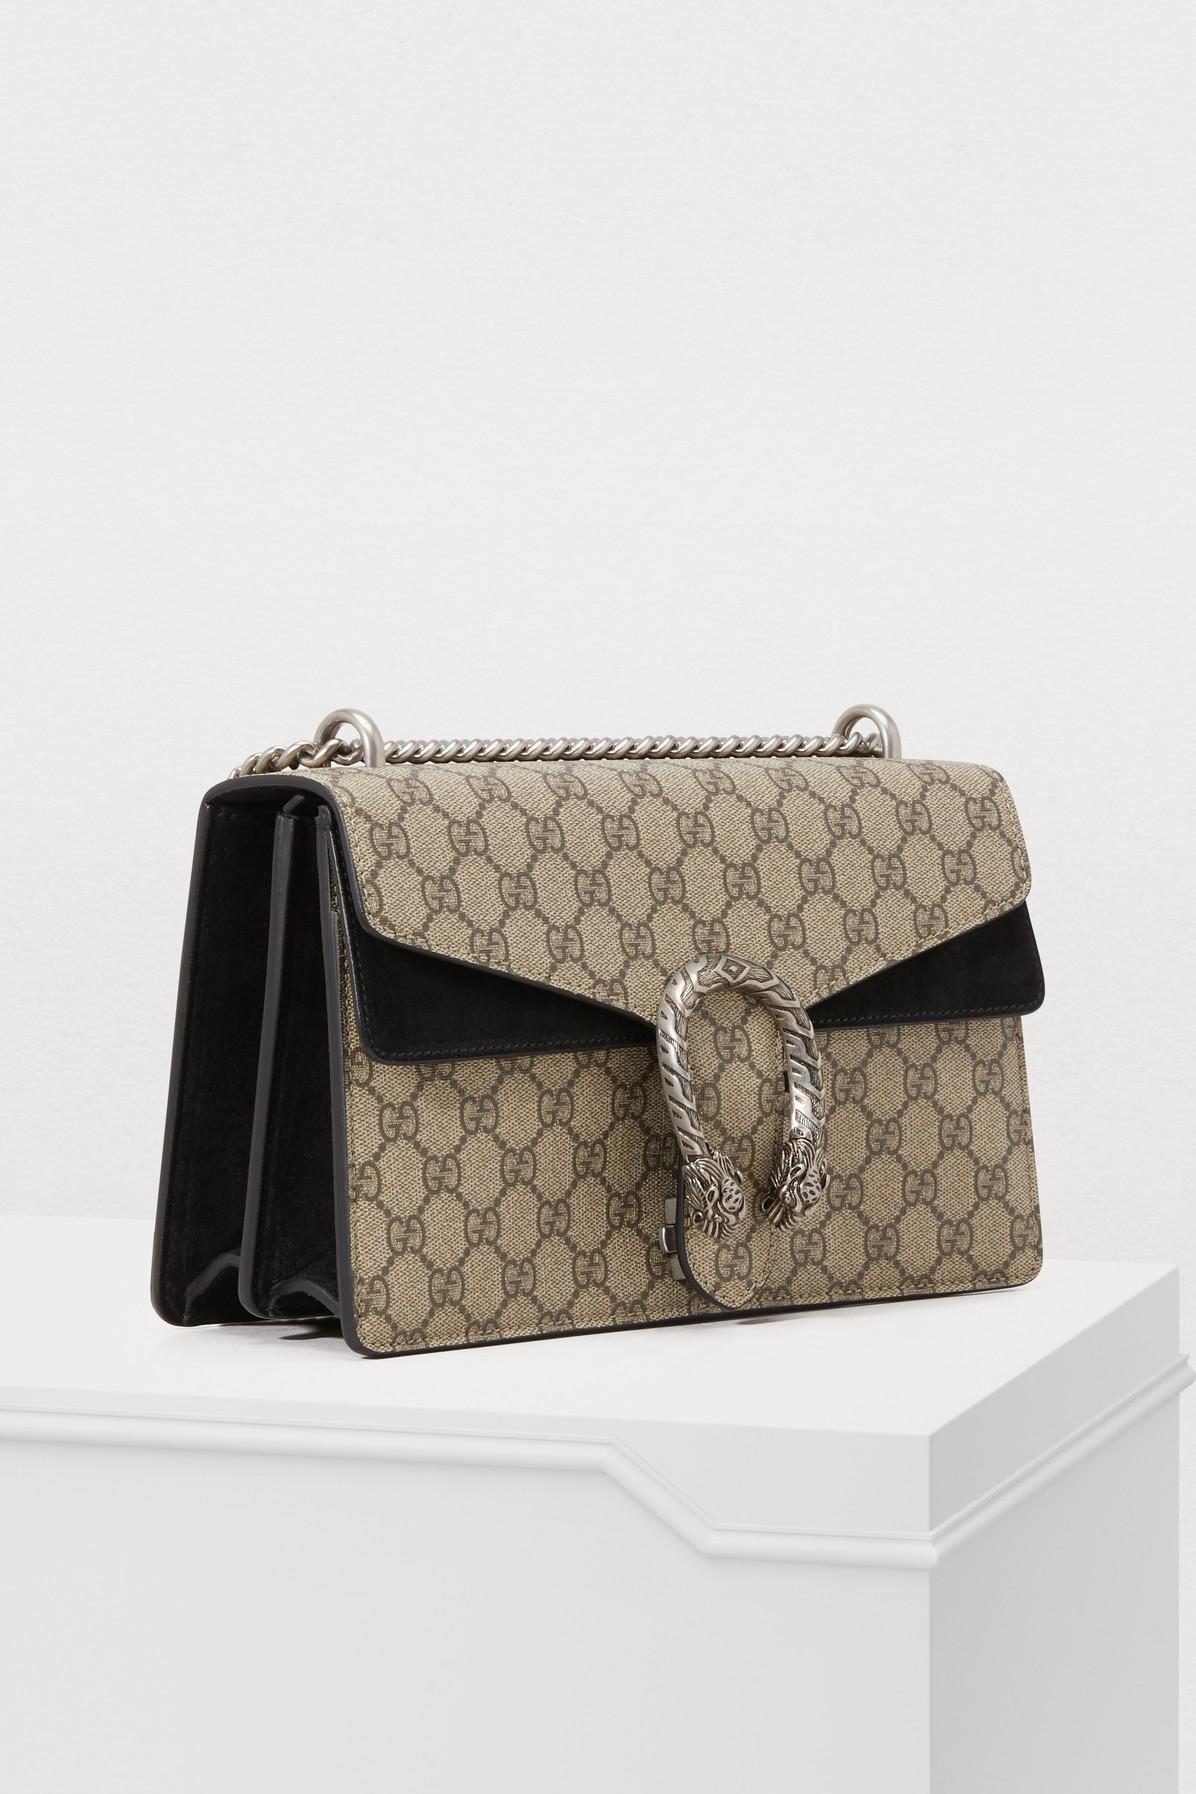 662a4207cafb Gucci - Multicolor Dionysus Gm Shoulder Bag - Lyst. View fullscreen